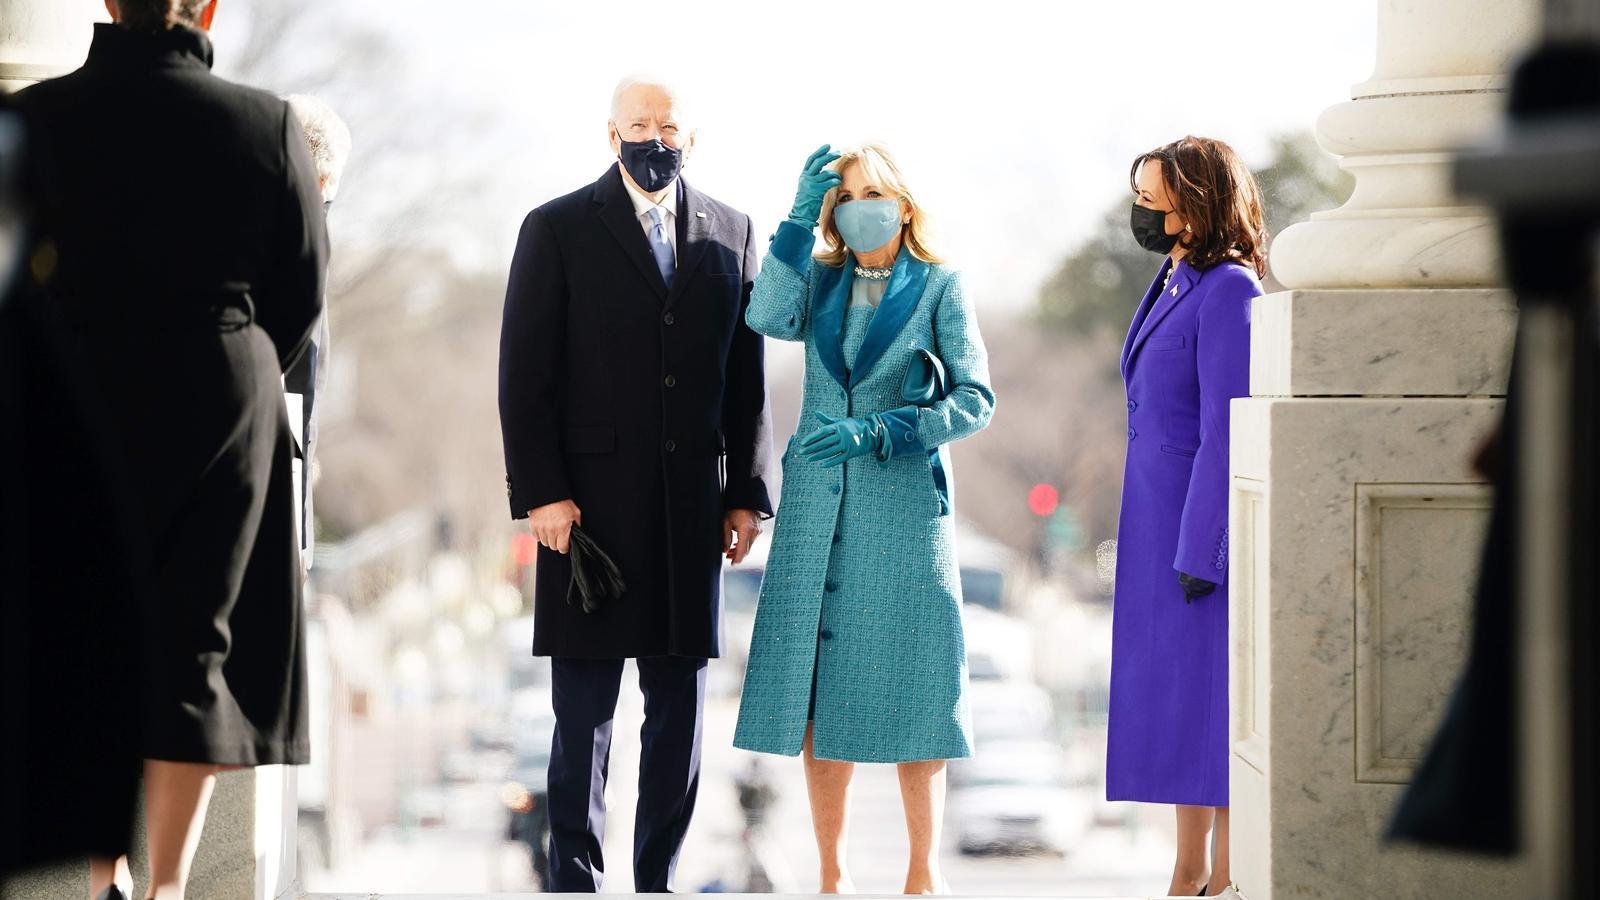 l president electe Joe Biden  i Jill Biden  amb el vicepresident electe Kamala Harris (R) arriben al Front Est del Capitoli dels Estats Units per a la seva cerimònia d'investidura com el 46è President dels Estats Units